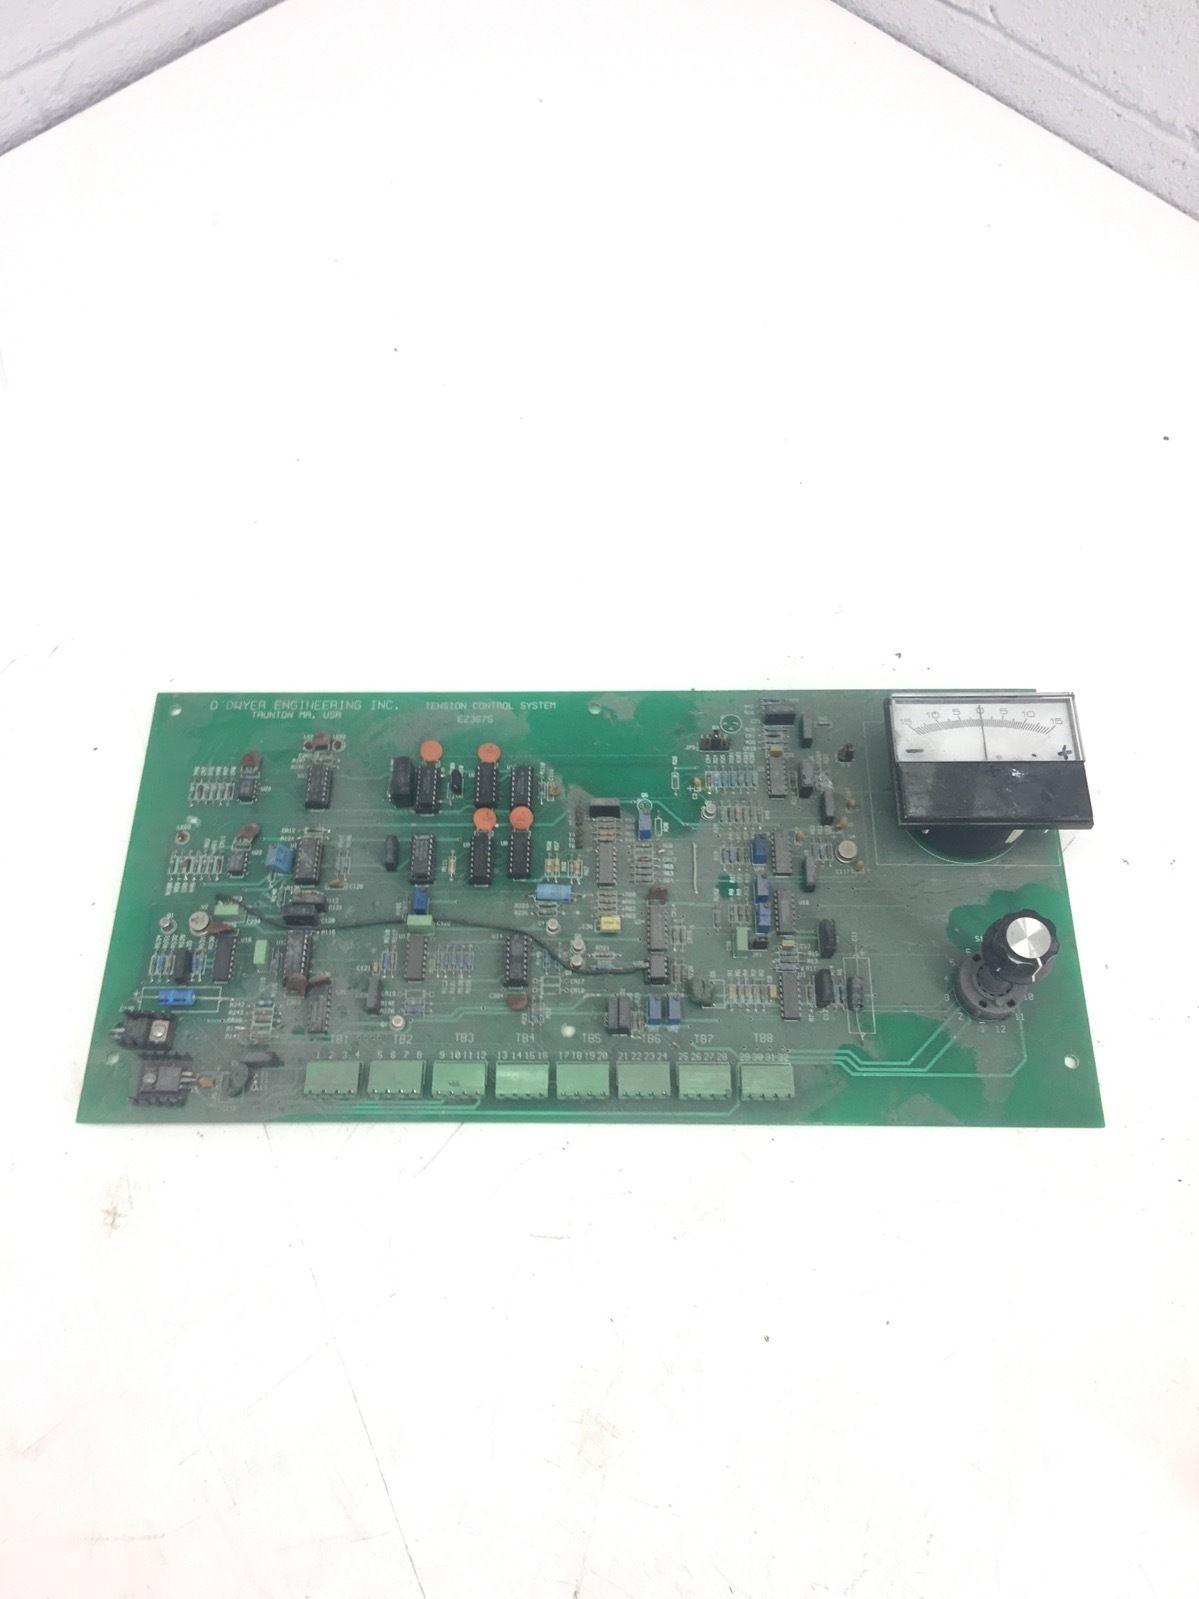 USED O DWYER ENGINEERINGÂ EZ3675 TENSION CONTROL SYSTEM PC BOARD, (B273) 1